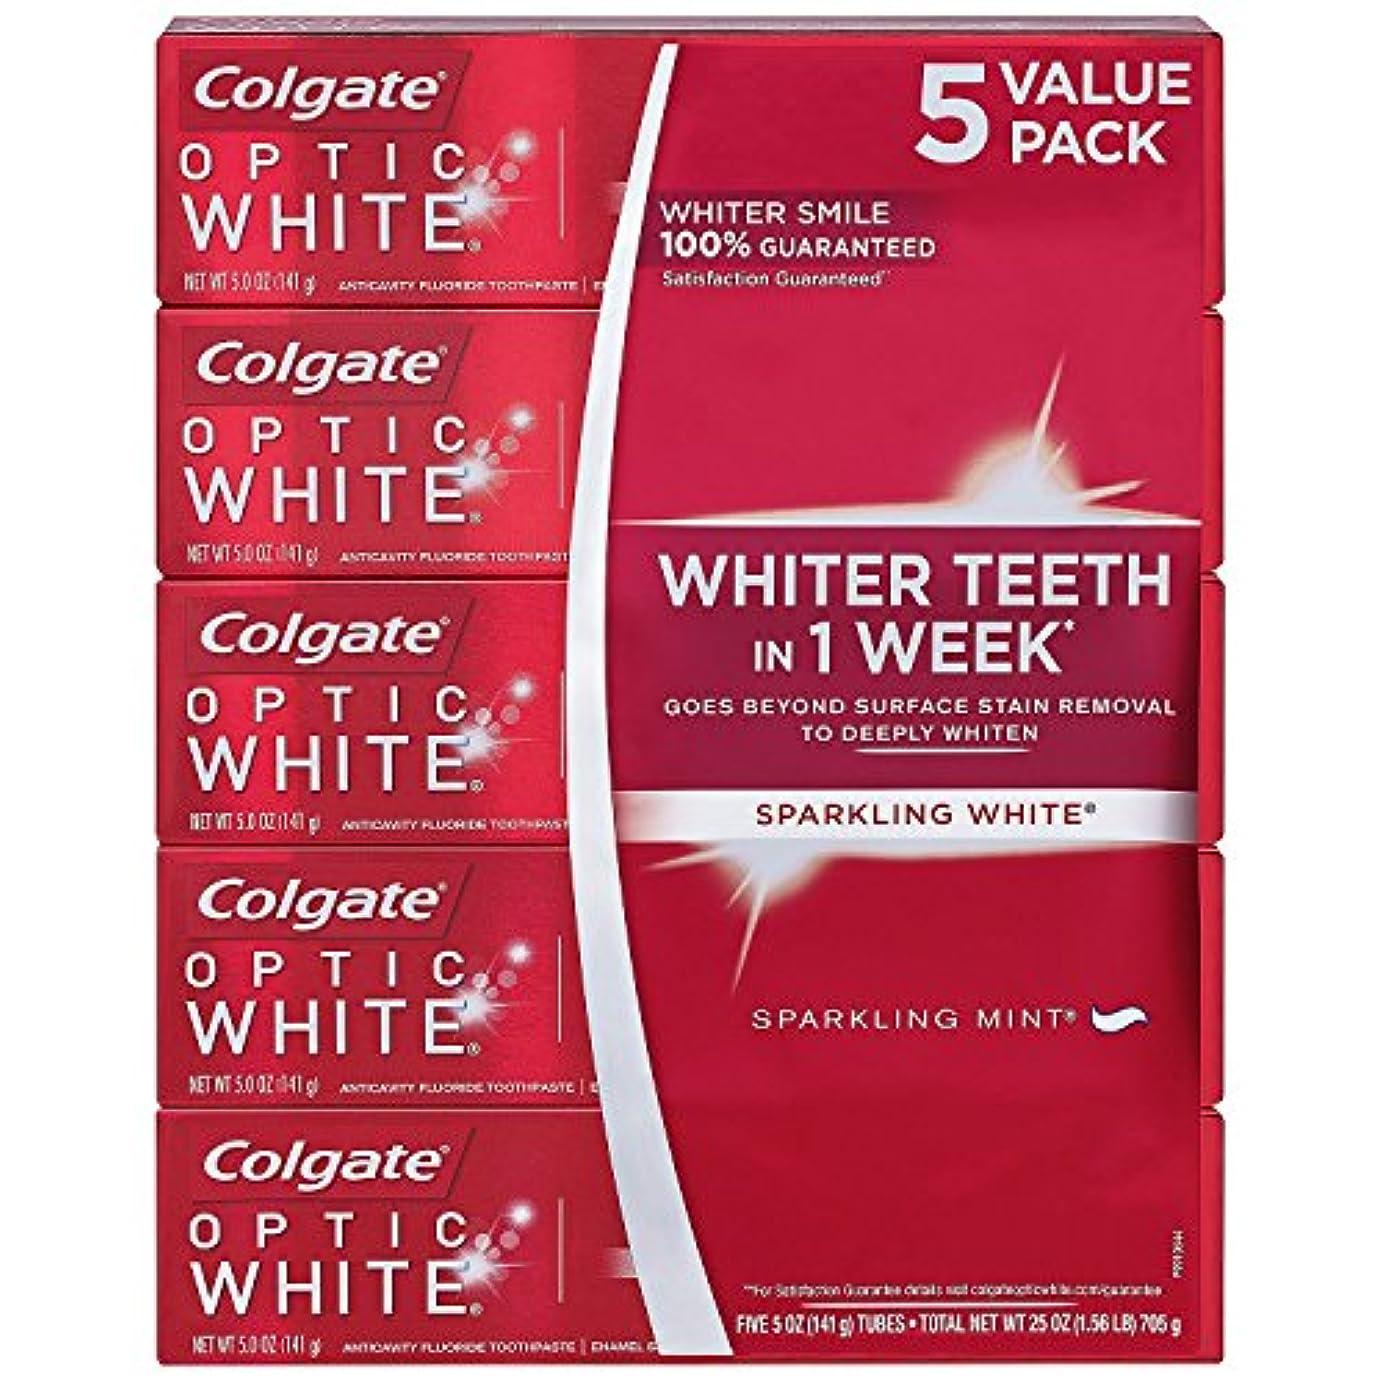 船尾ワイプ柱海外直送品 Colgate Optic White コルゲート オプティック ホワイト スパークリングミント141g ×5本 [Pack of 5]